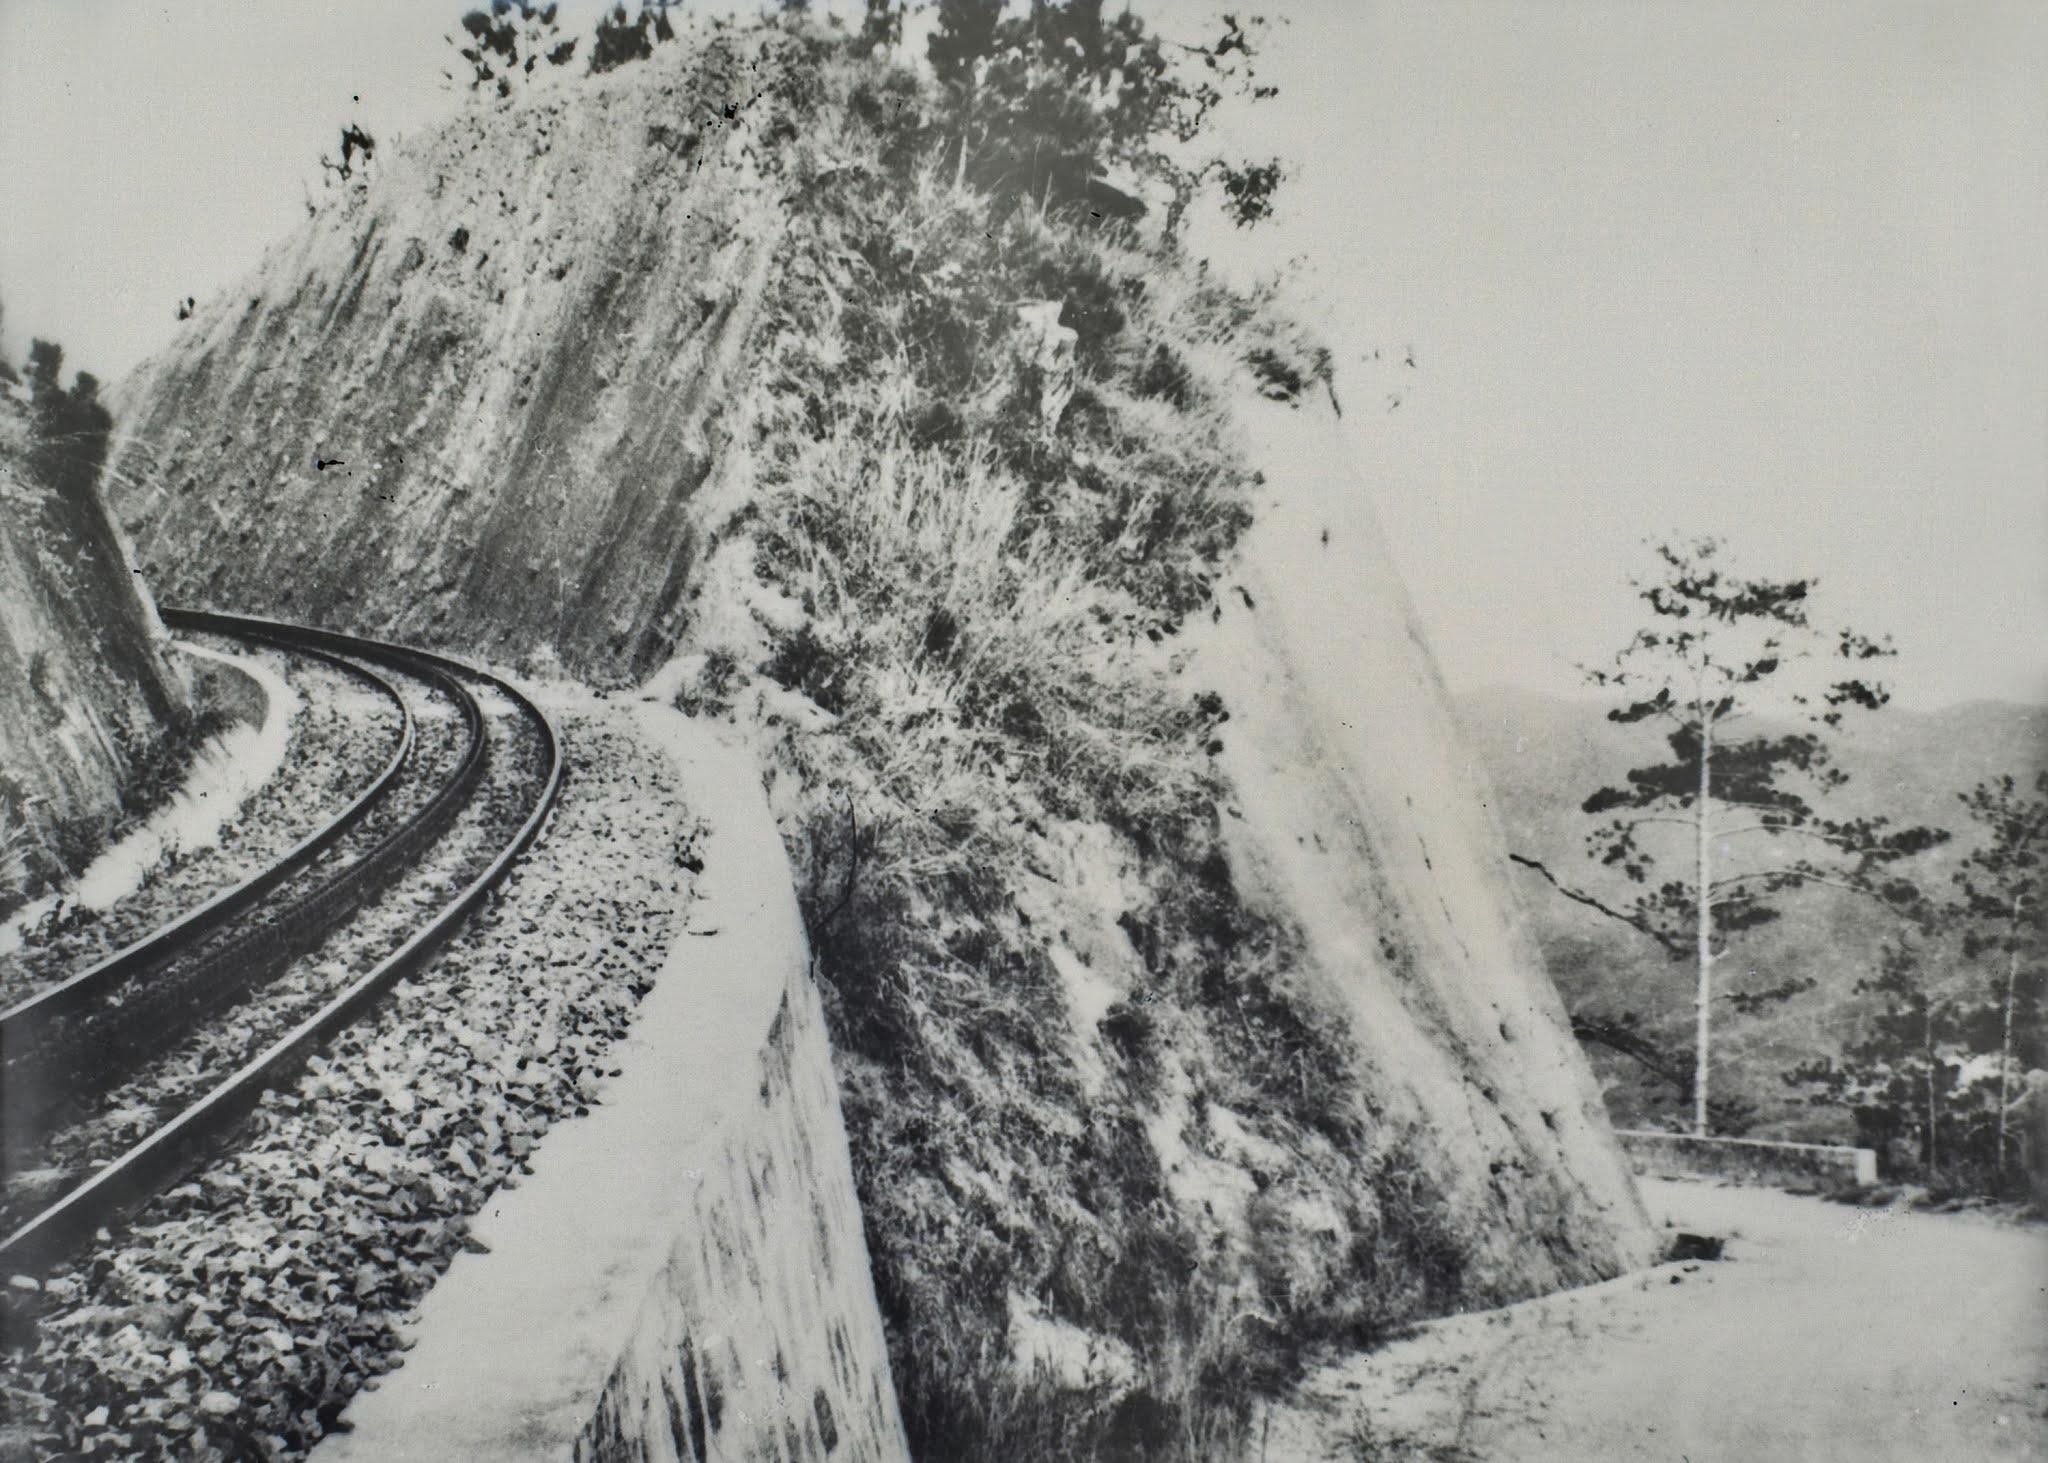 Tuyến đường sắt răng cưa 'độc nhất vô nhị' nối Đà Lạt - Tháp Chàm (Phan Rang)